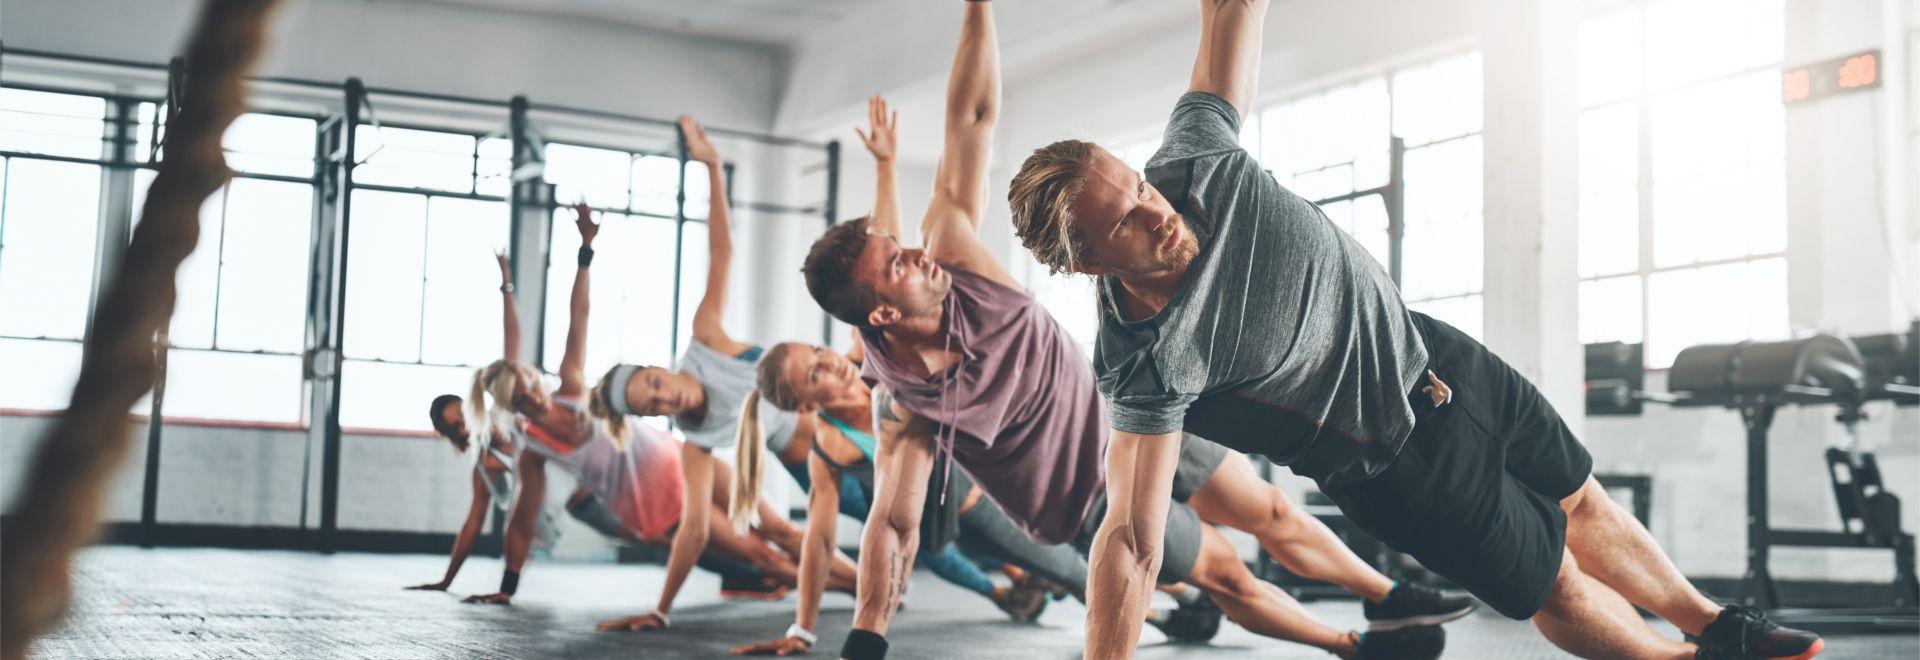 Arbeiten in der Fitnessbranche